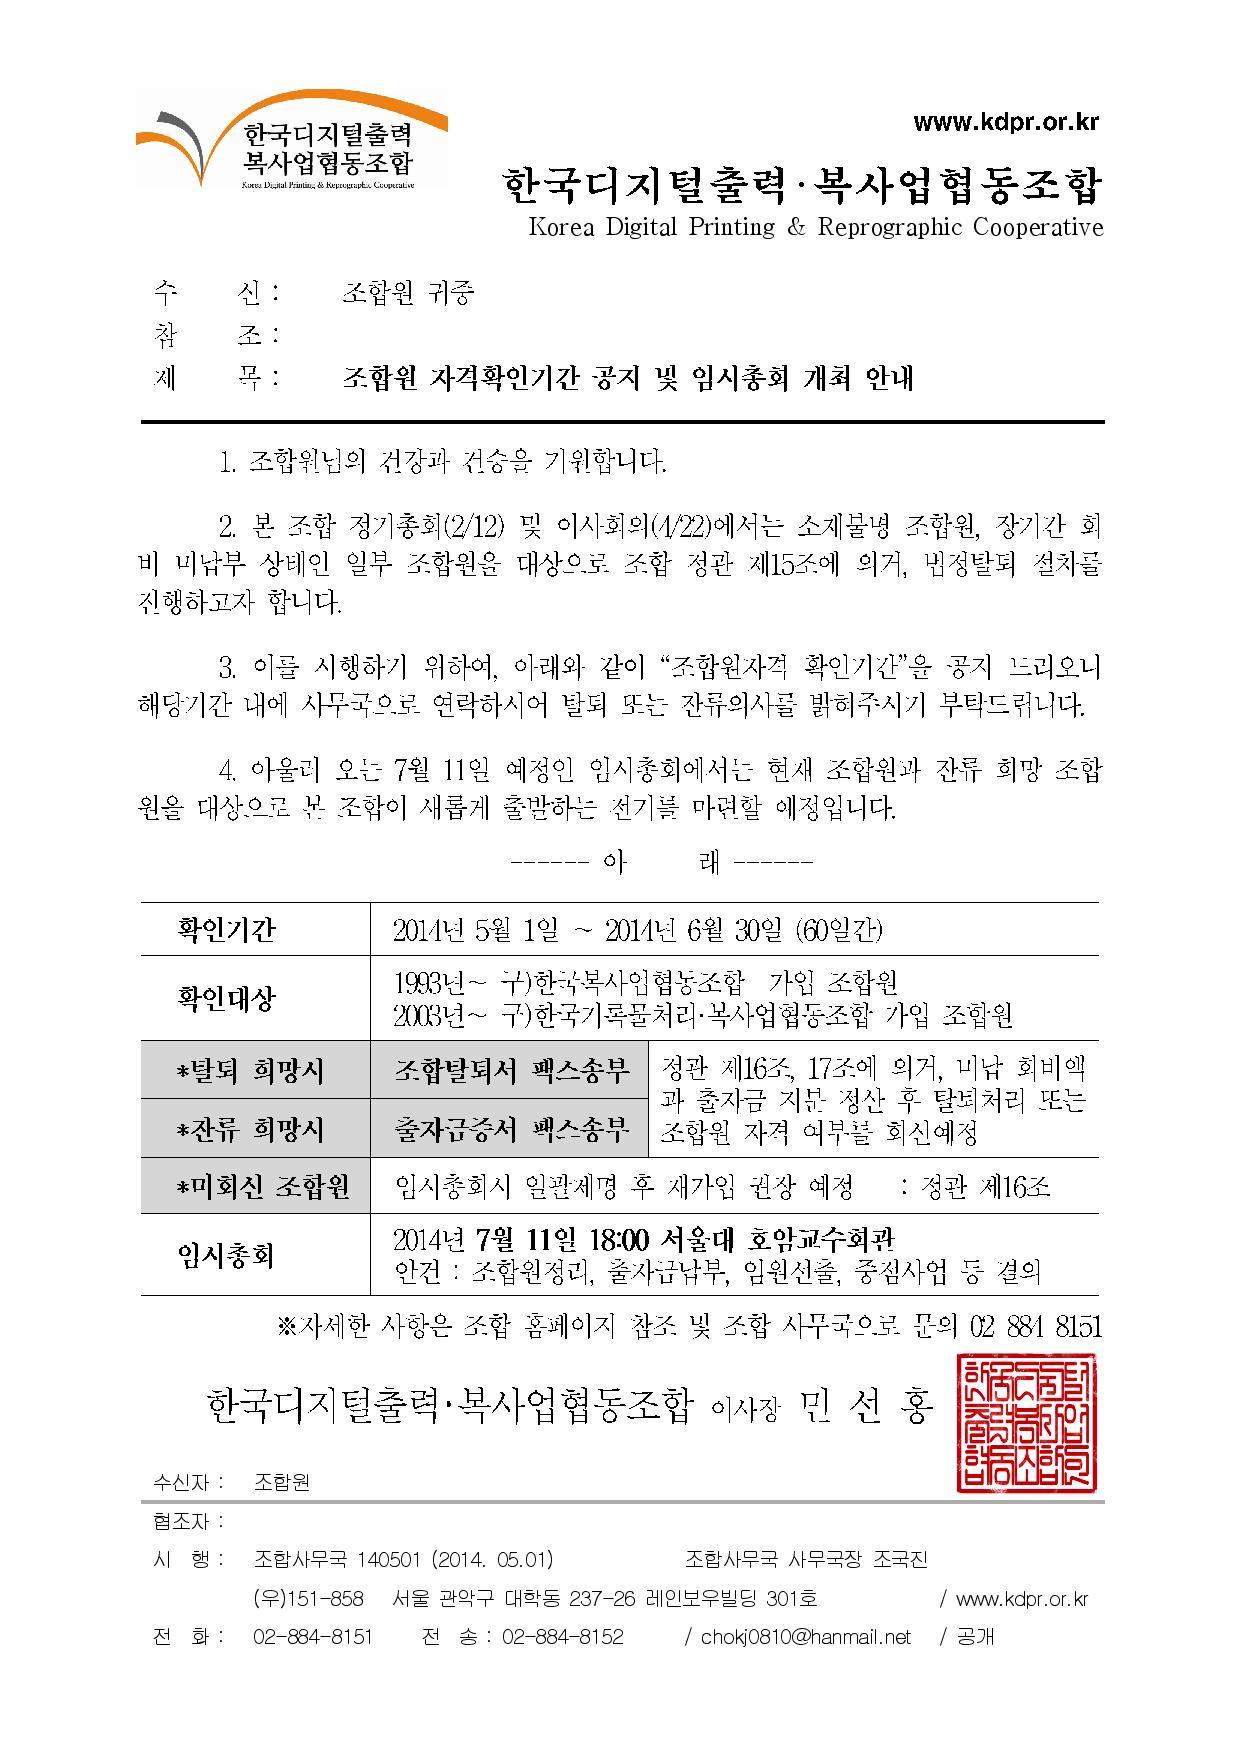 조합원자격확인공문_20140430-page-001.jpg